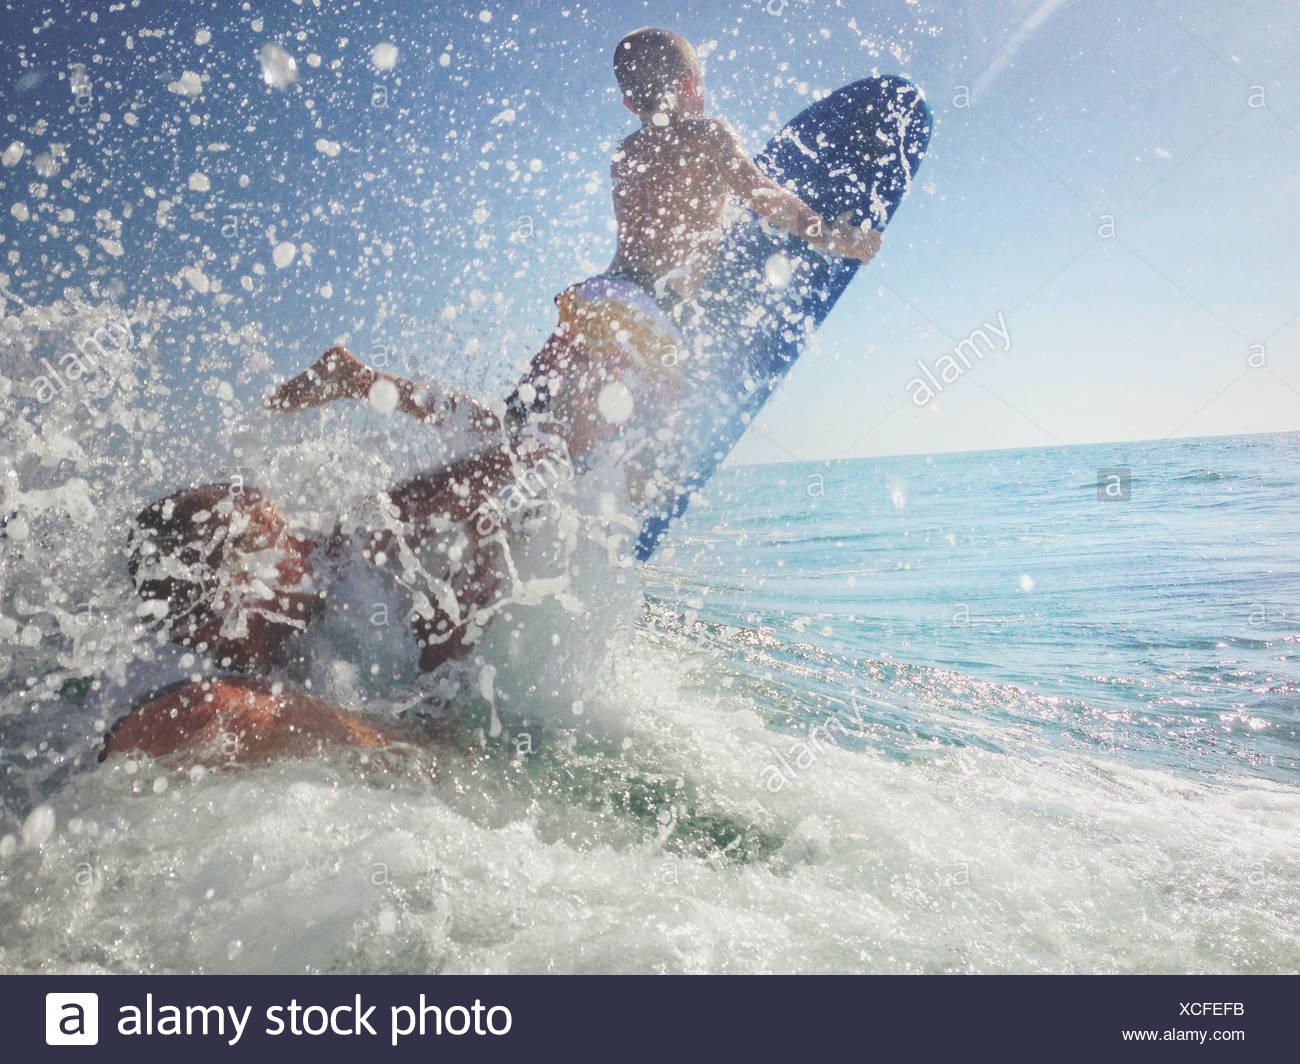 Père et fils jouant dans l'océan avec planche de surf, Californie, États-Unis Banque D'Images